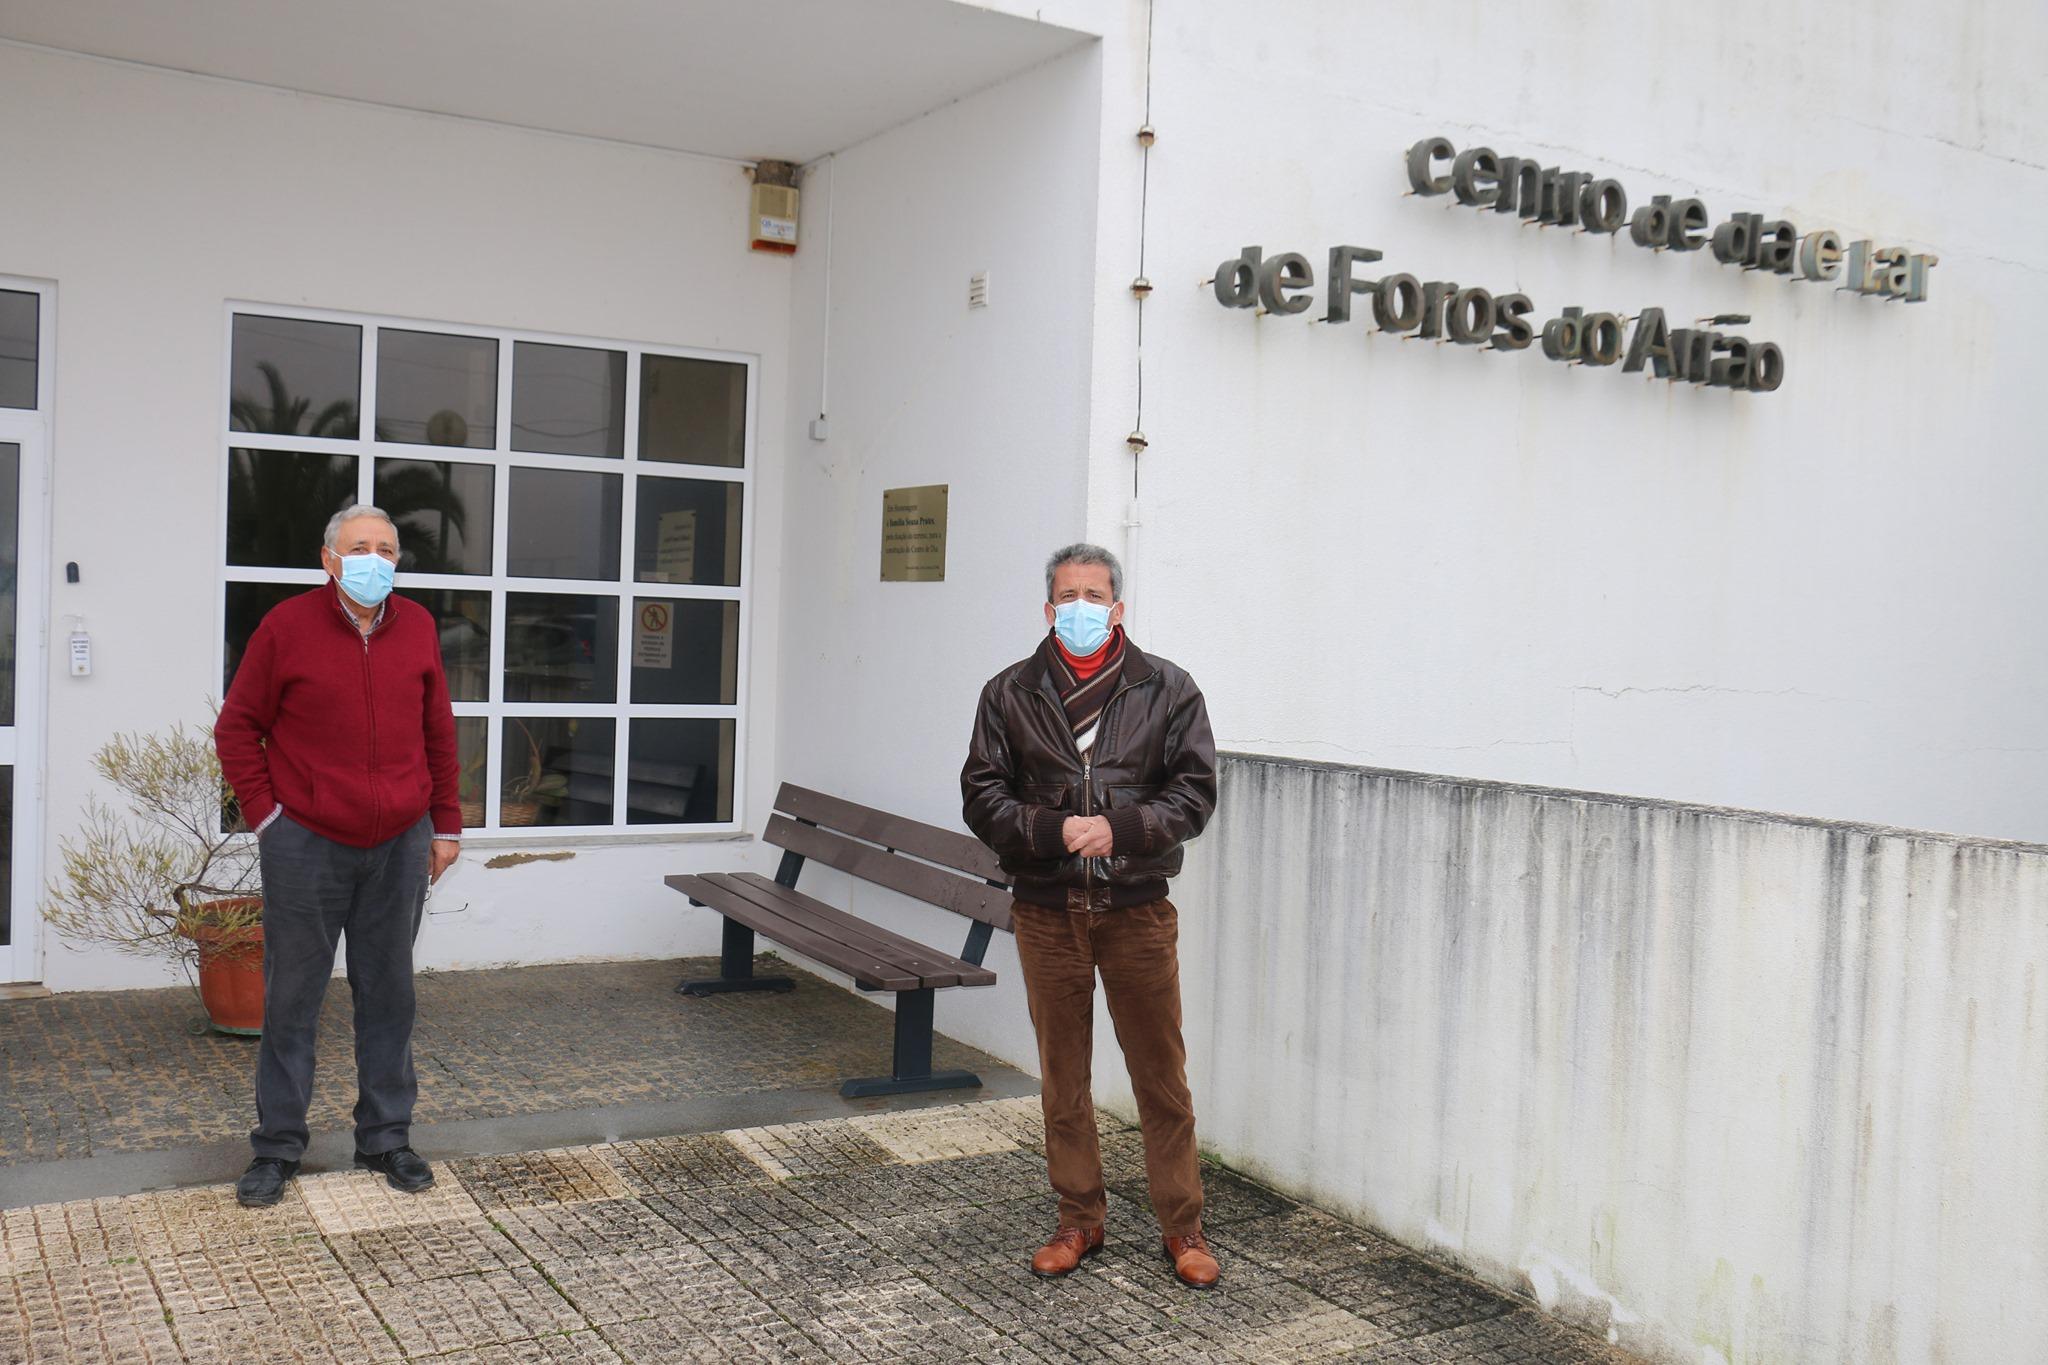 Prossegue a vacinação ao Sars-Cov-2 em Ponte de Sor